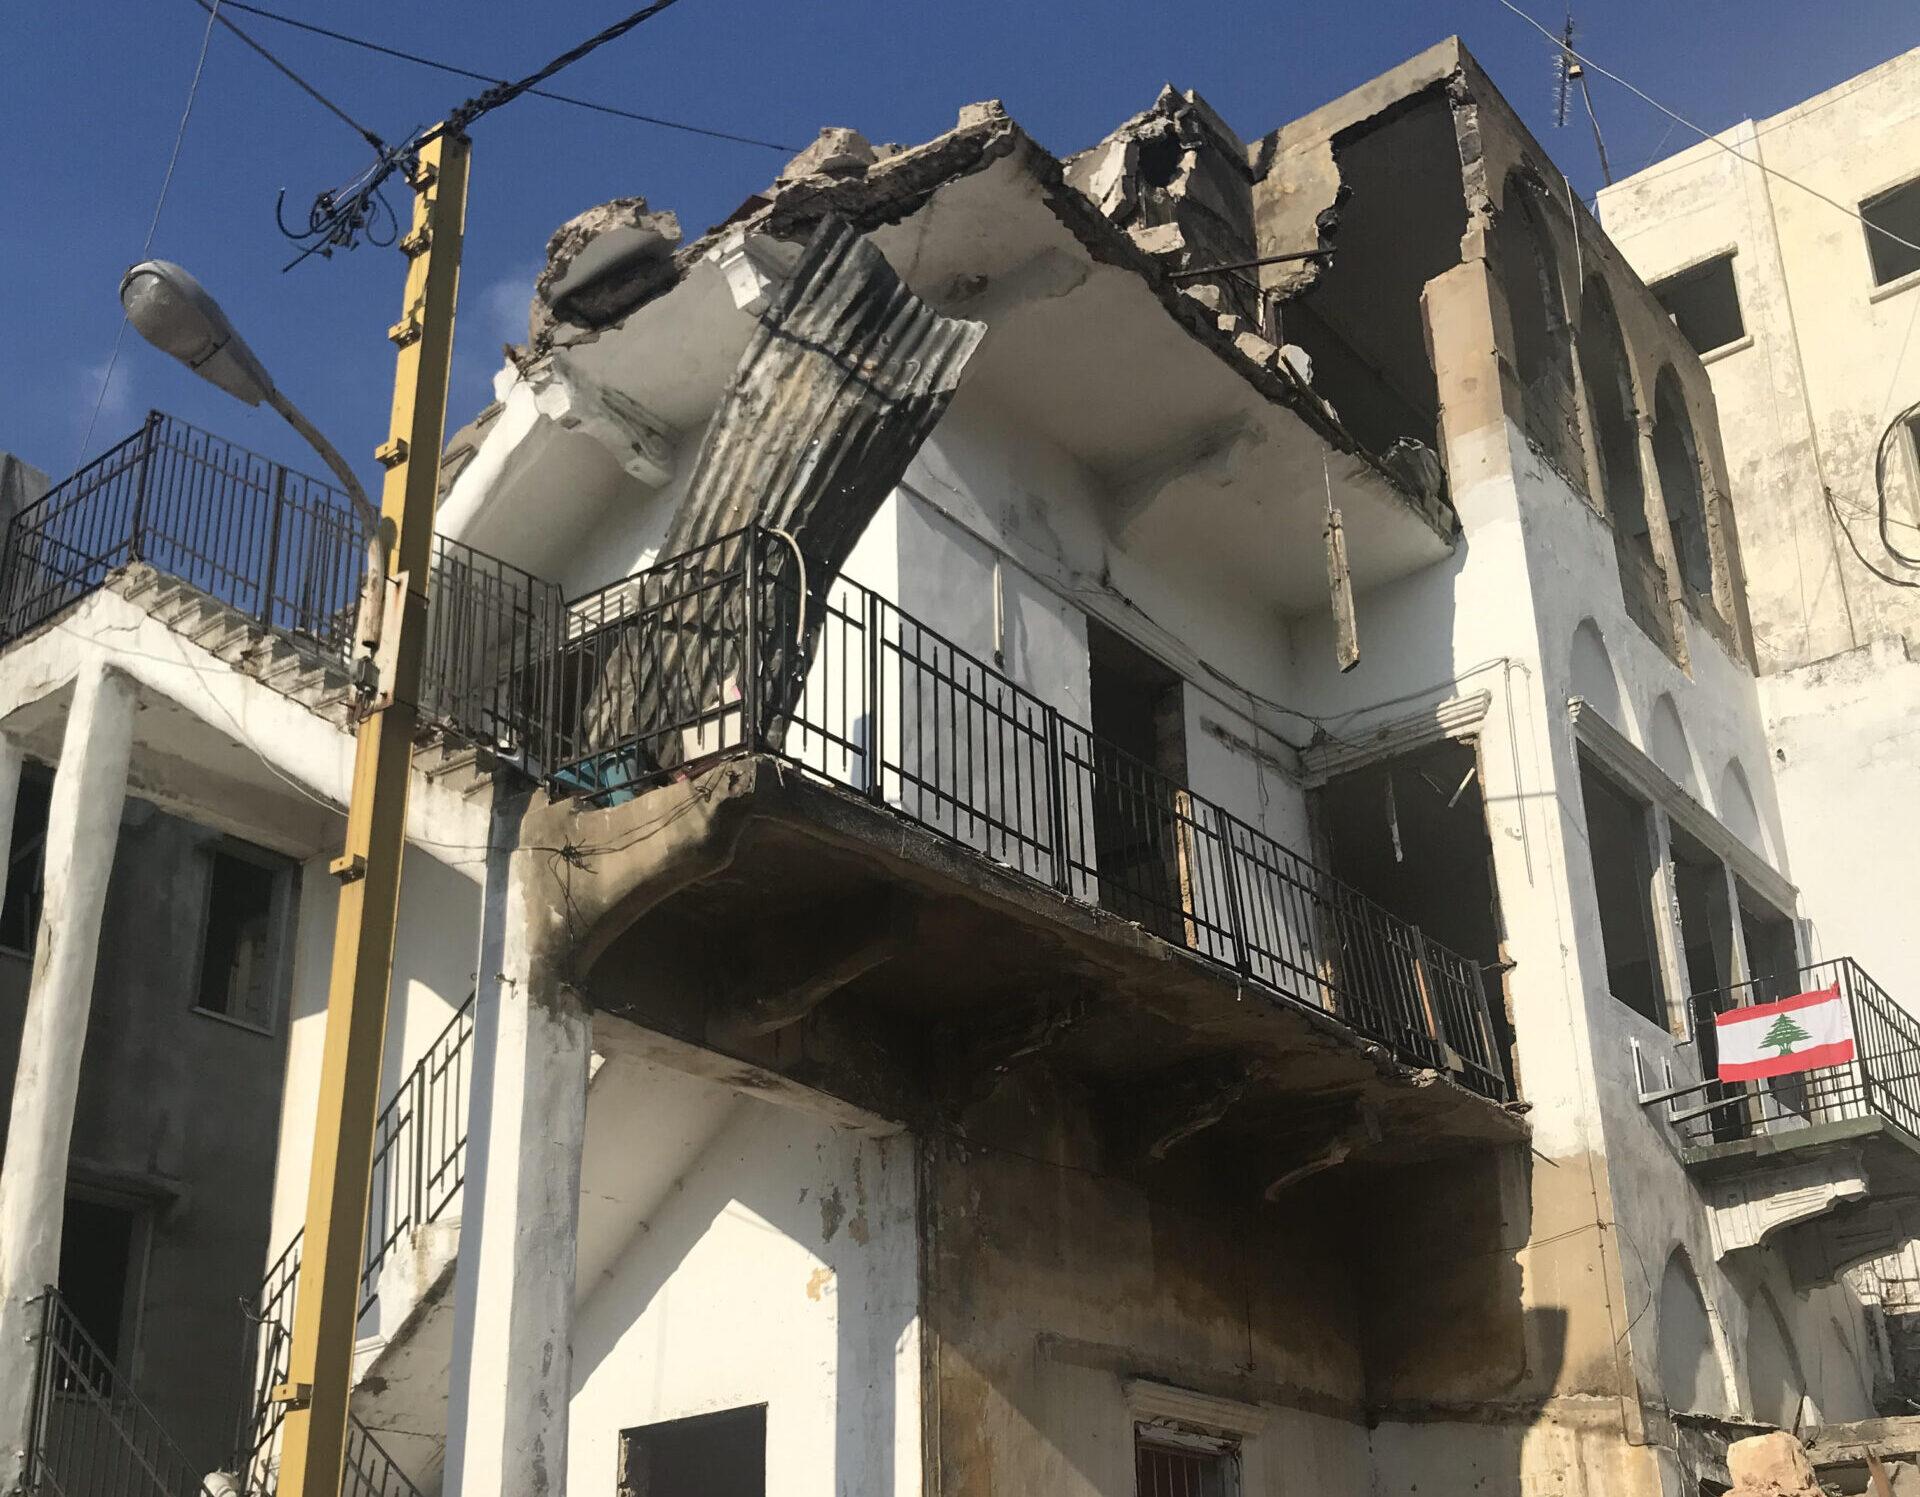 """أي مستقبل ينتظر الكرنتينا بعد انفجار مرفأ بيروت؟ (2/3) """"لينور"""" و""""قدموس"""""""